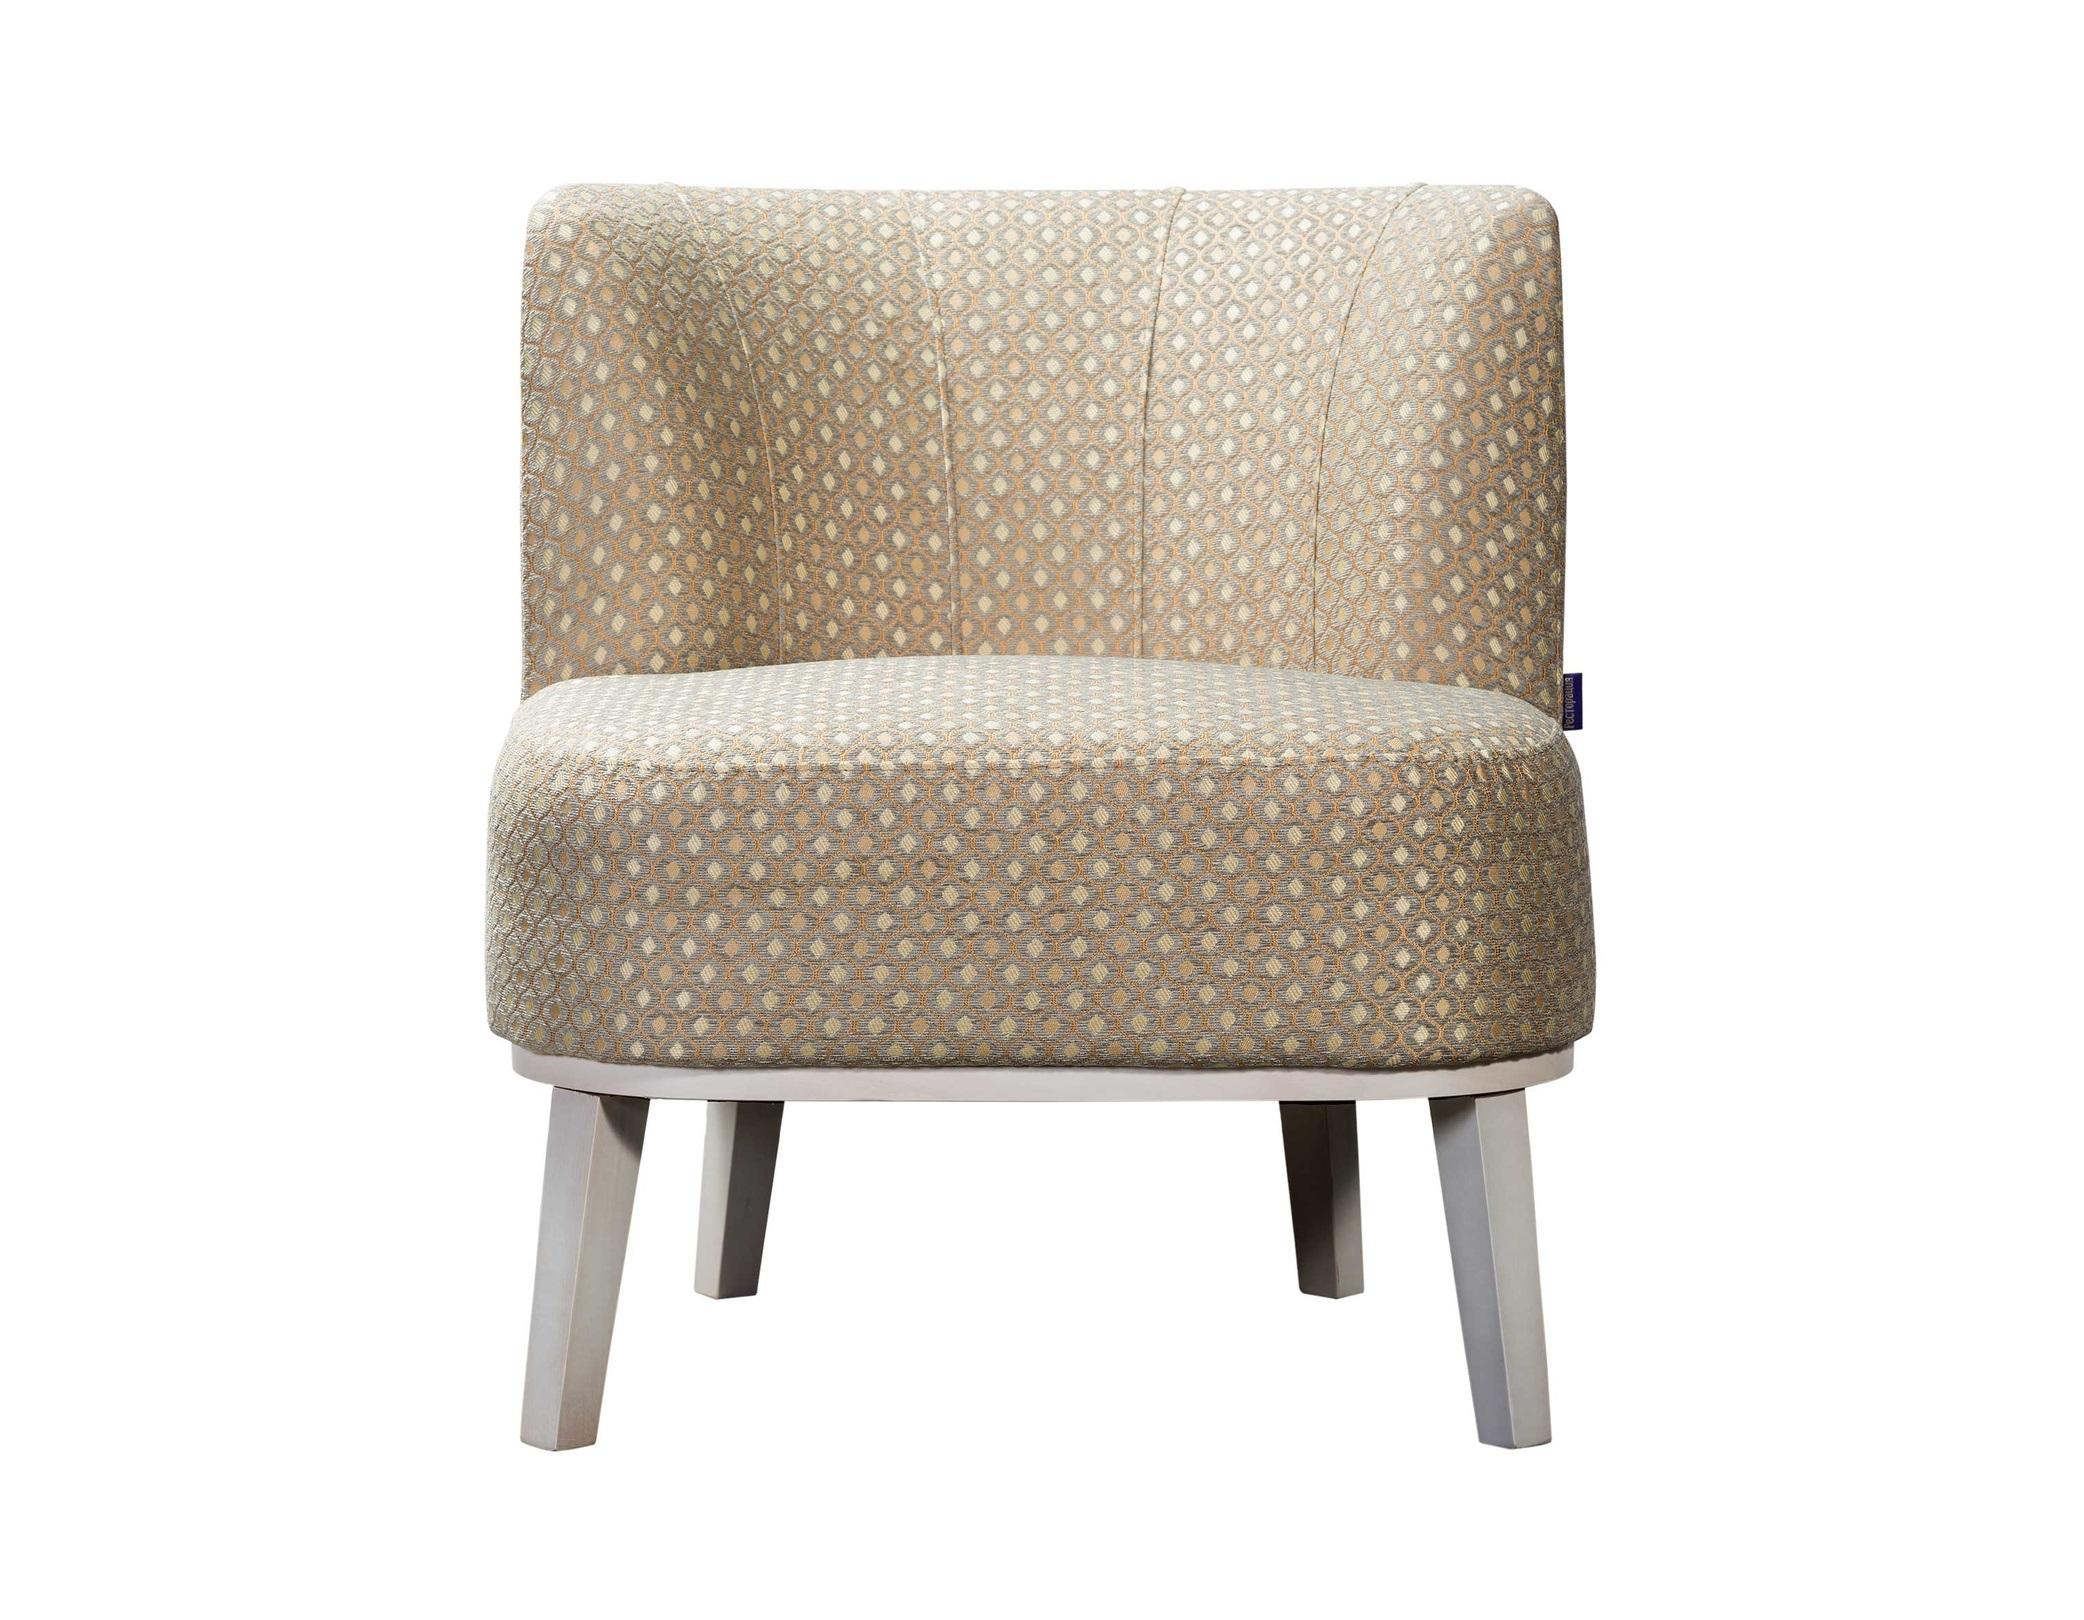 Кресло Шафран ГрафикаПолукресла<br>Высота сидения: 48,5 см<br><br>kit: None<br>gender: None